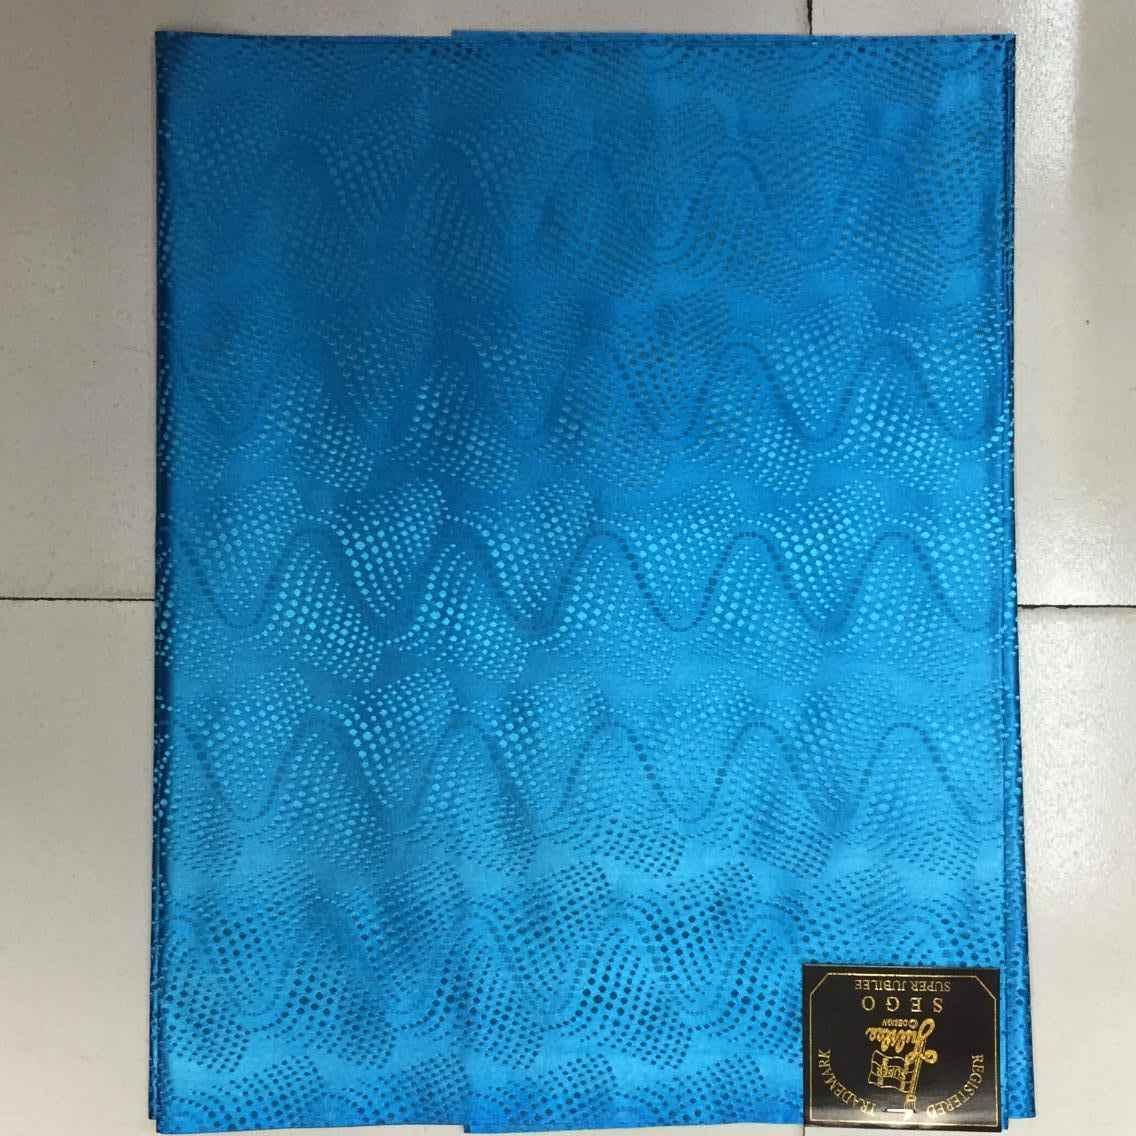 קידום מחיר באיכות גבוהה מלכותי כחול פרחוני ניגריה סגו Headtie לאישה. זול אפריקאי GELE ראש צעיף לנשים 2 יח'\שקית